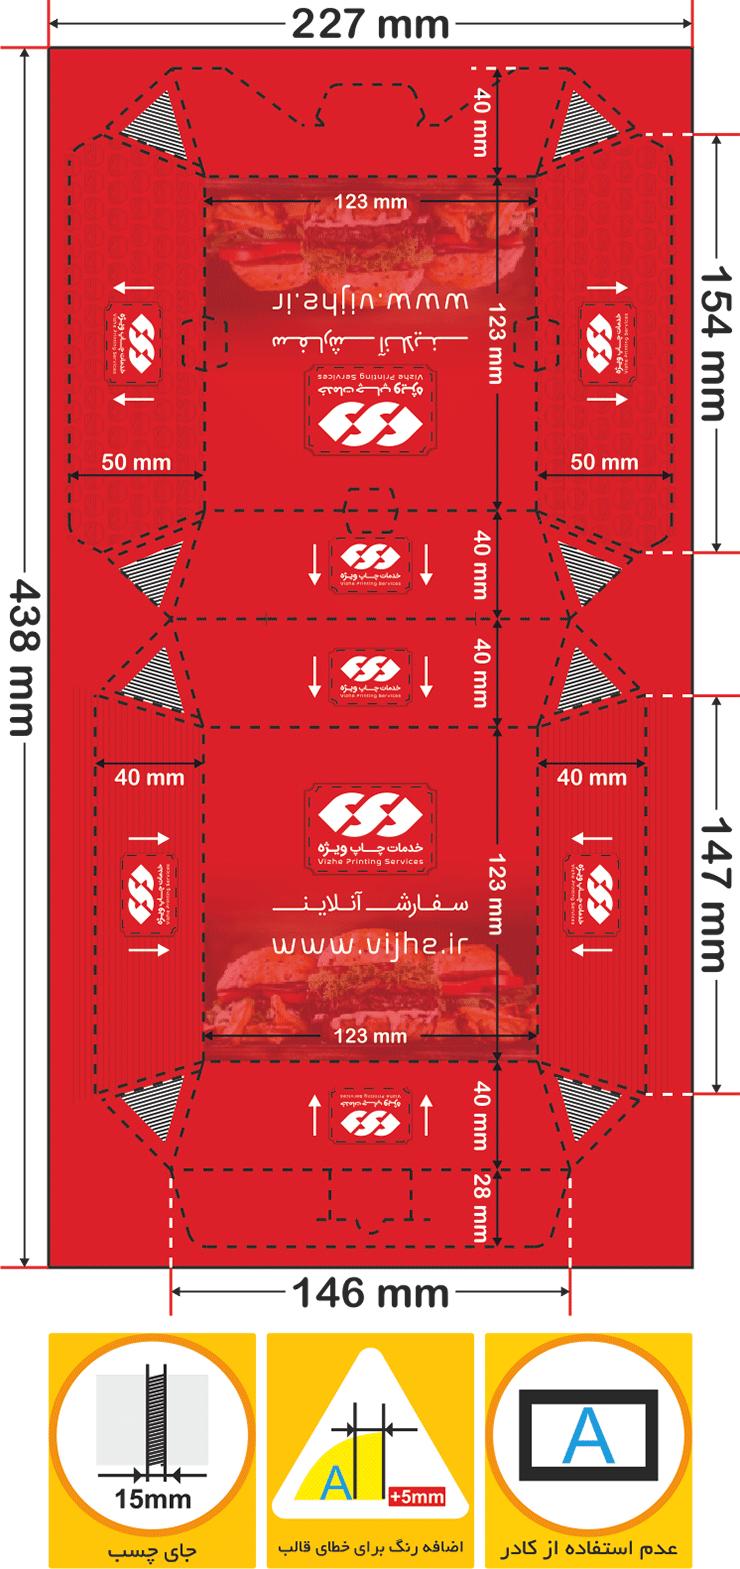 نحوه صحیح طراحی جعبه همبرگر قفل دار صدفی _ چاپ ویژه